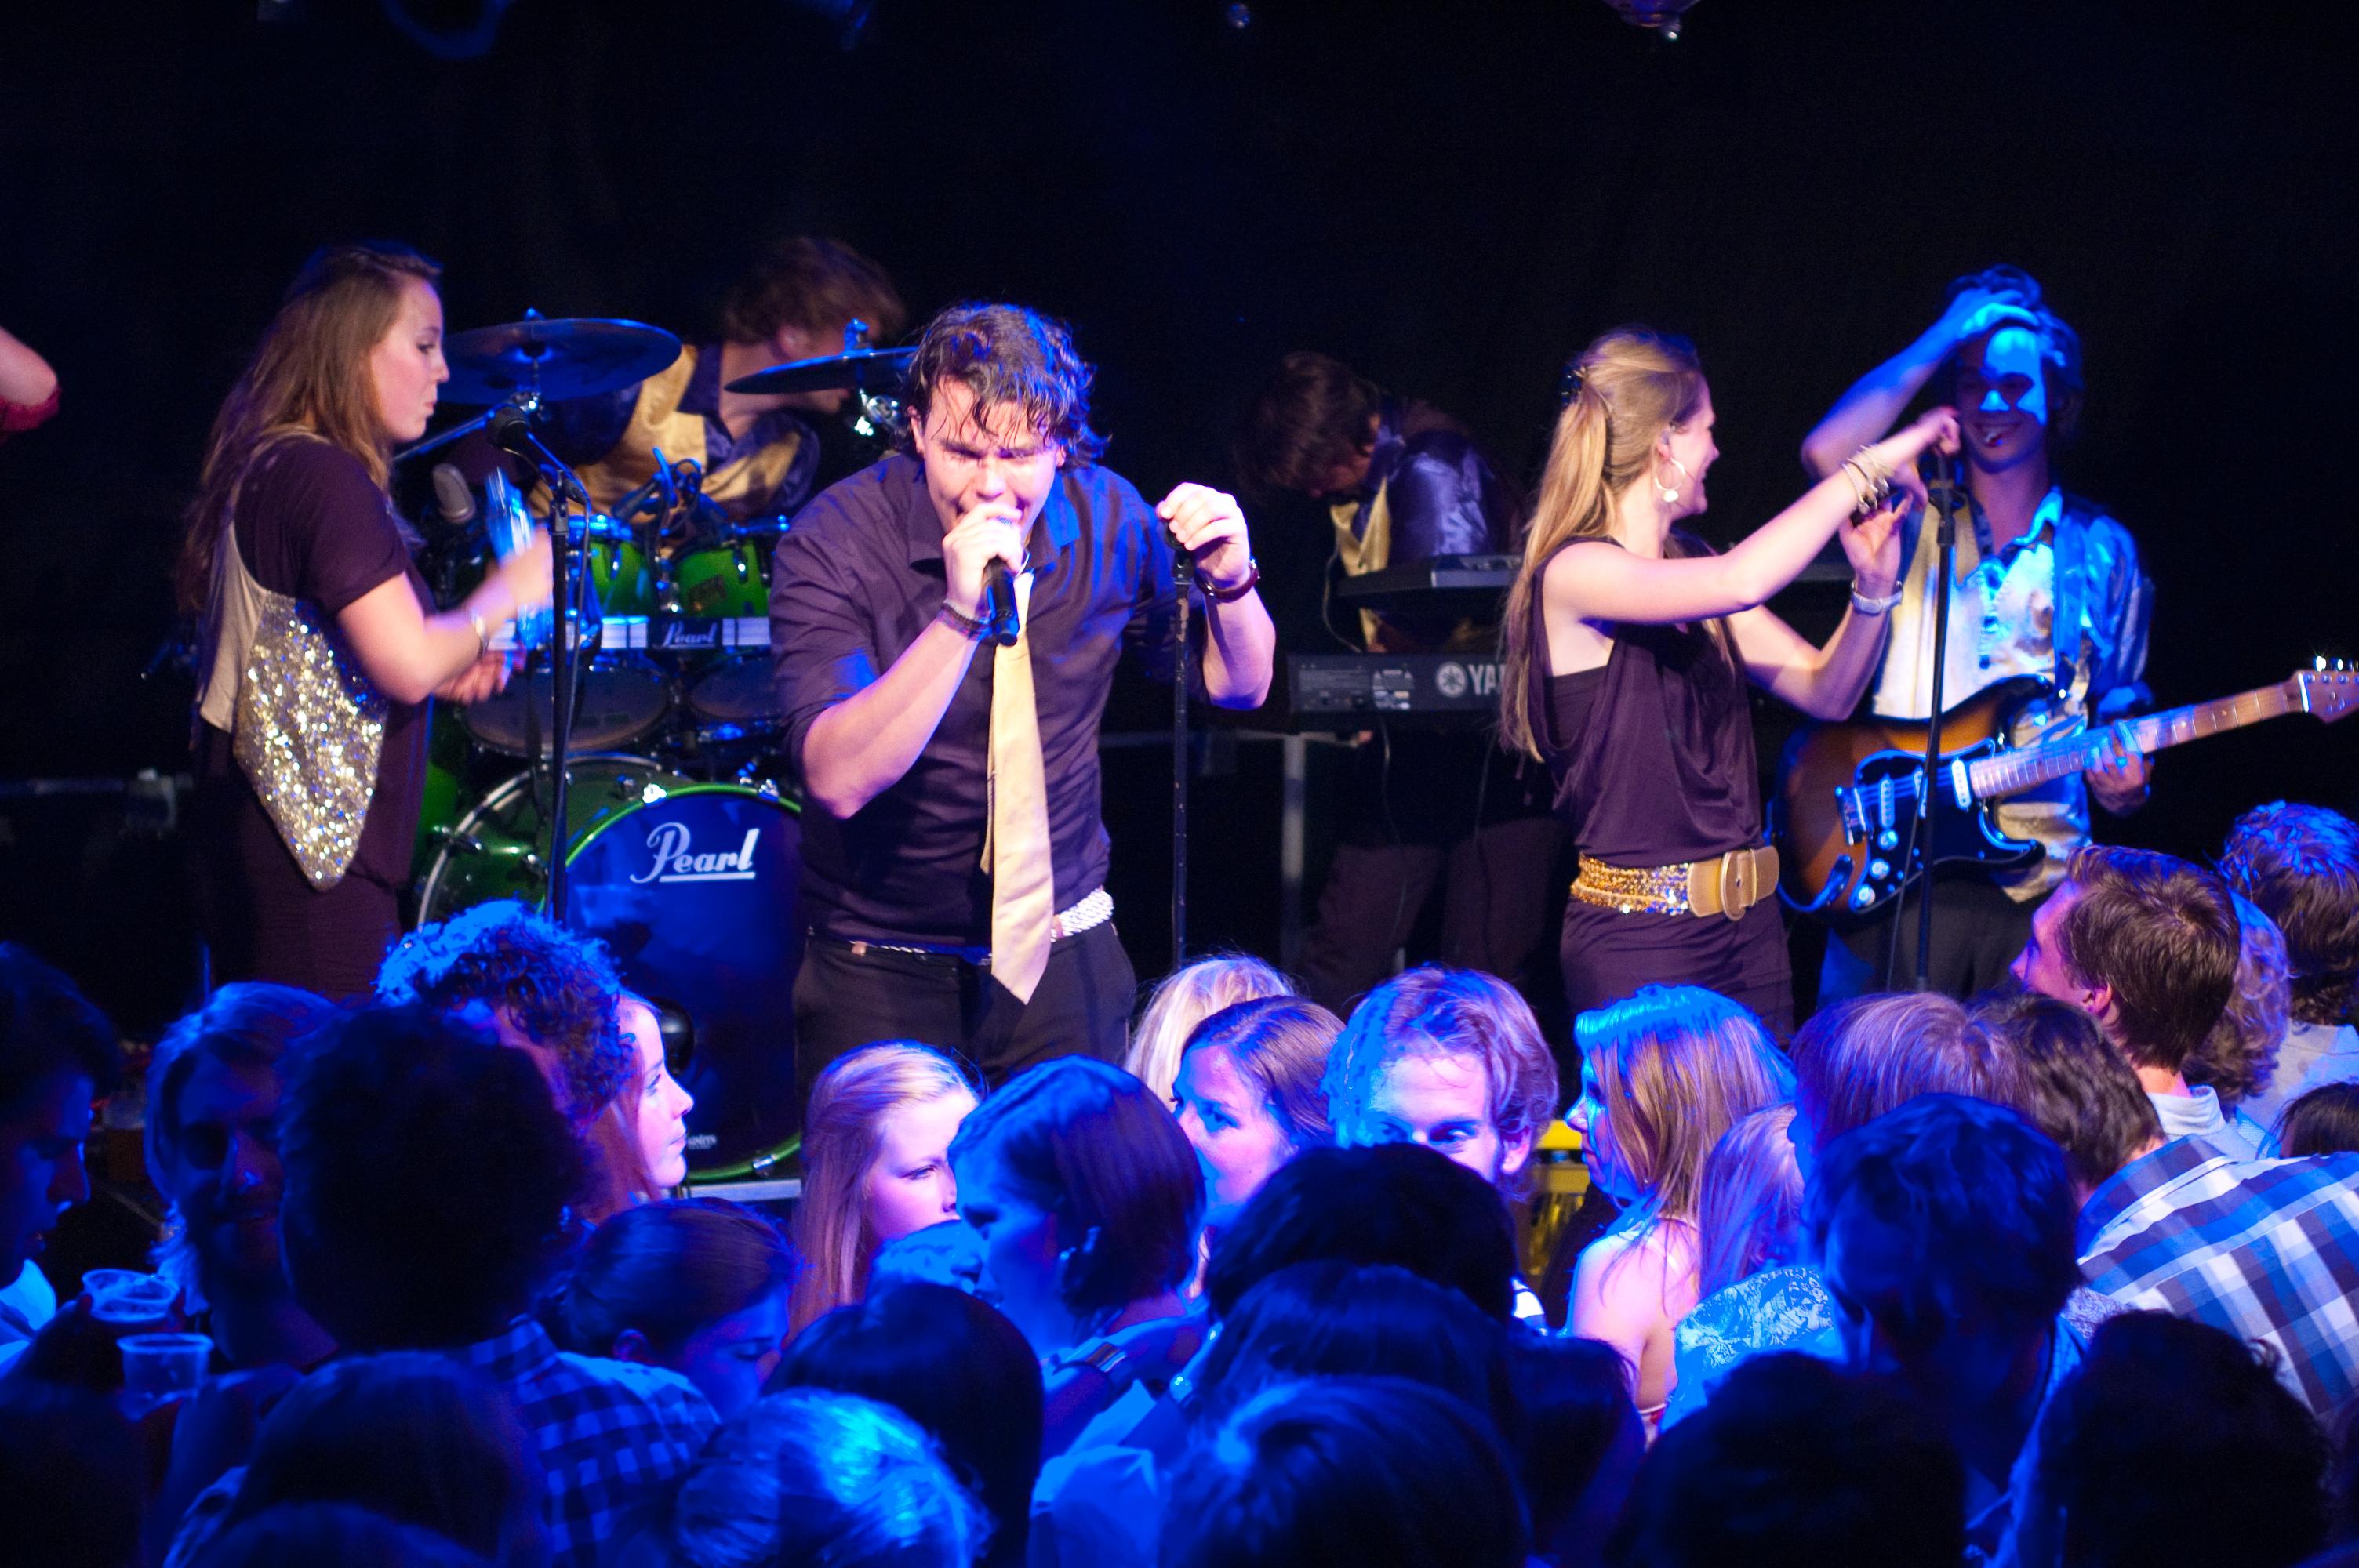 Hermes_House_Band,_Leiden